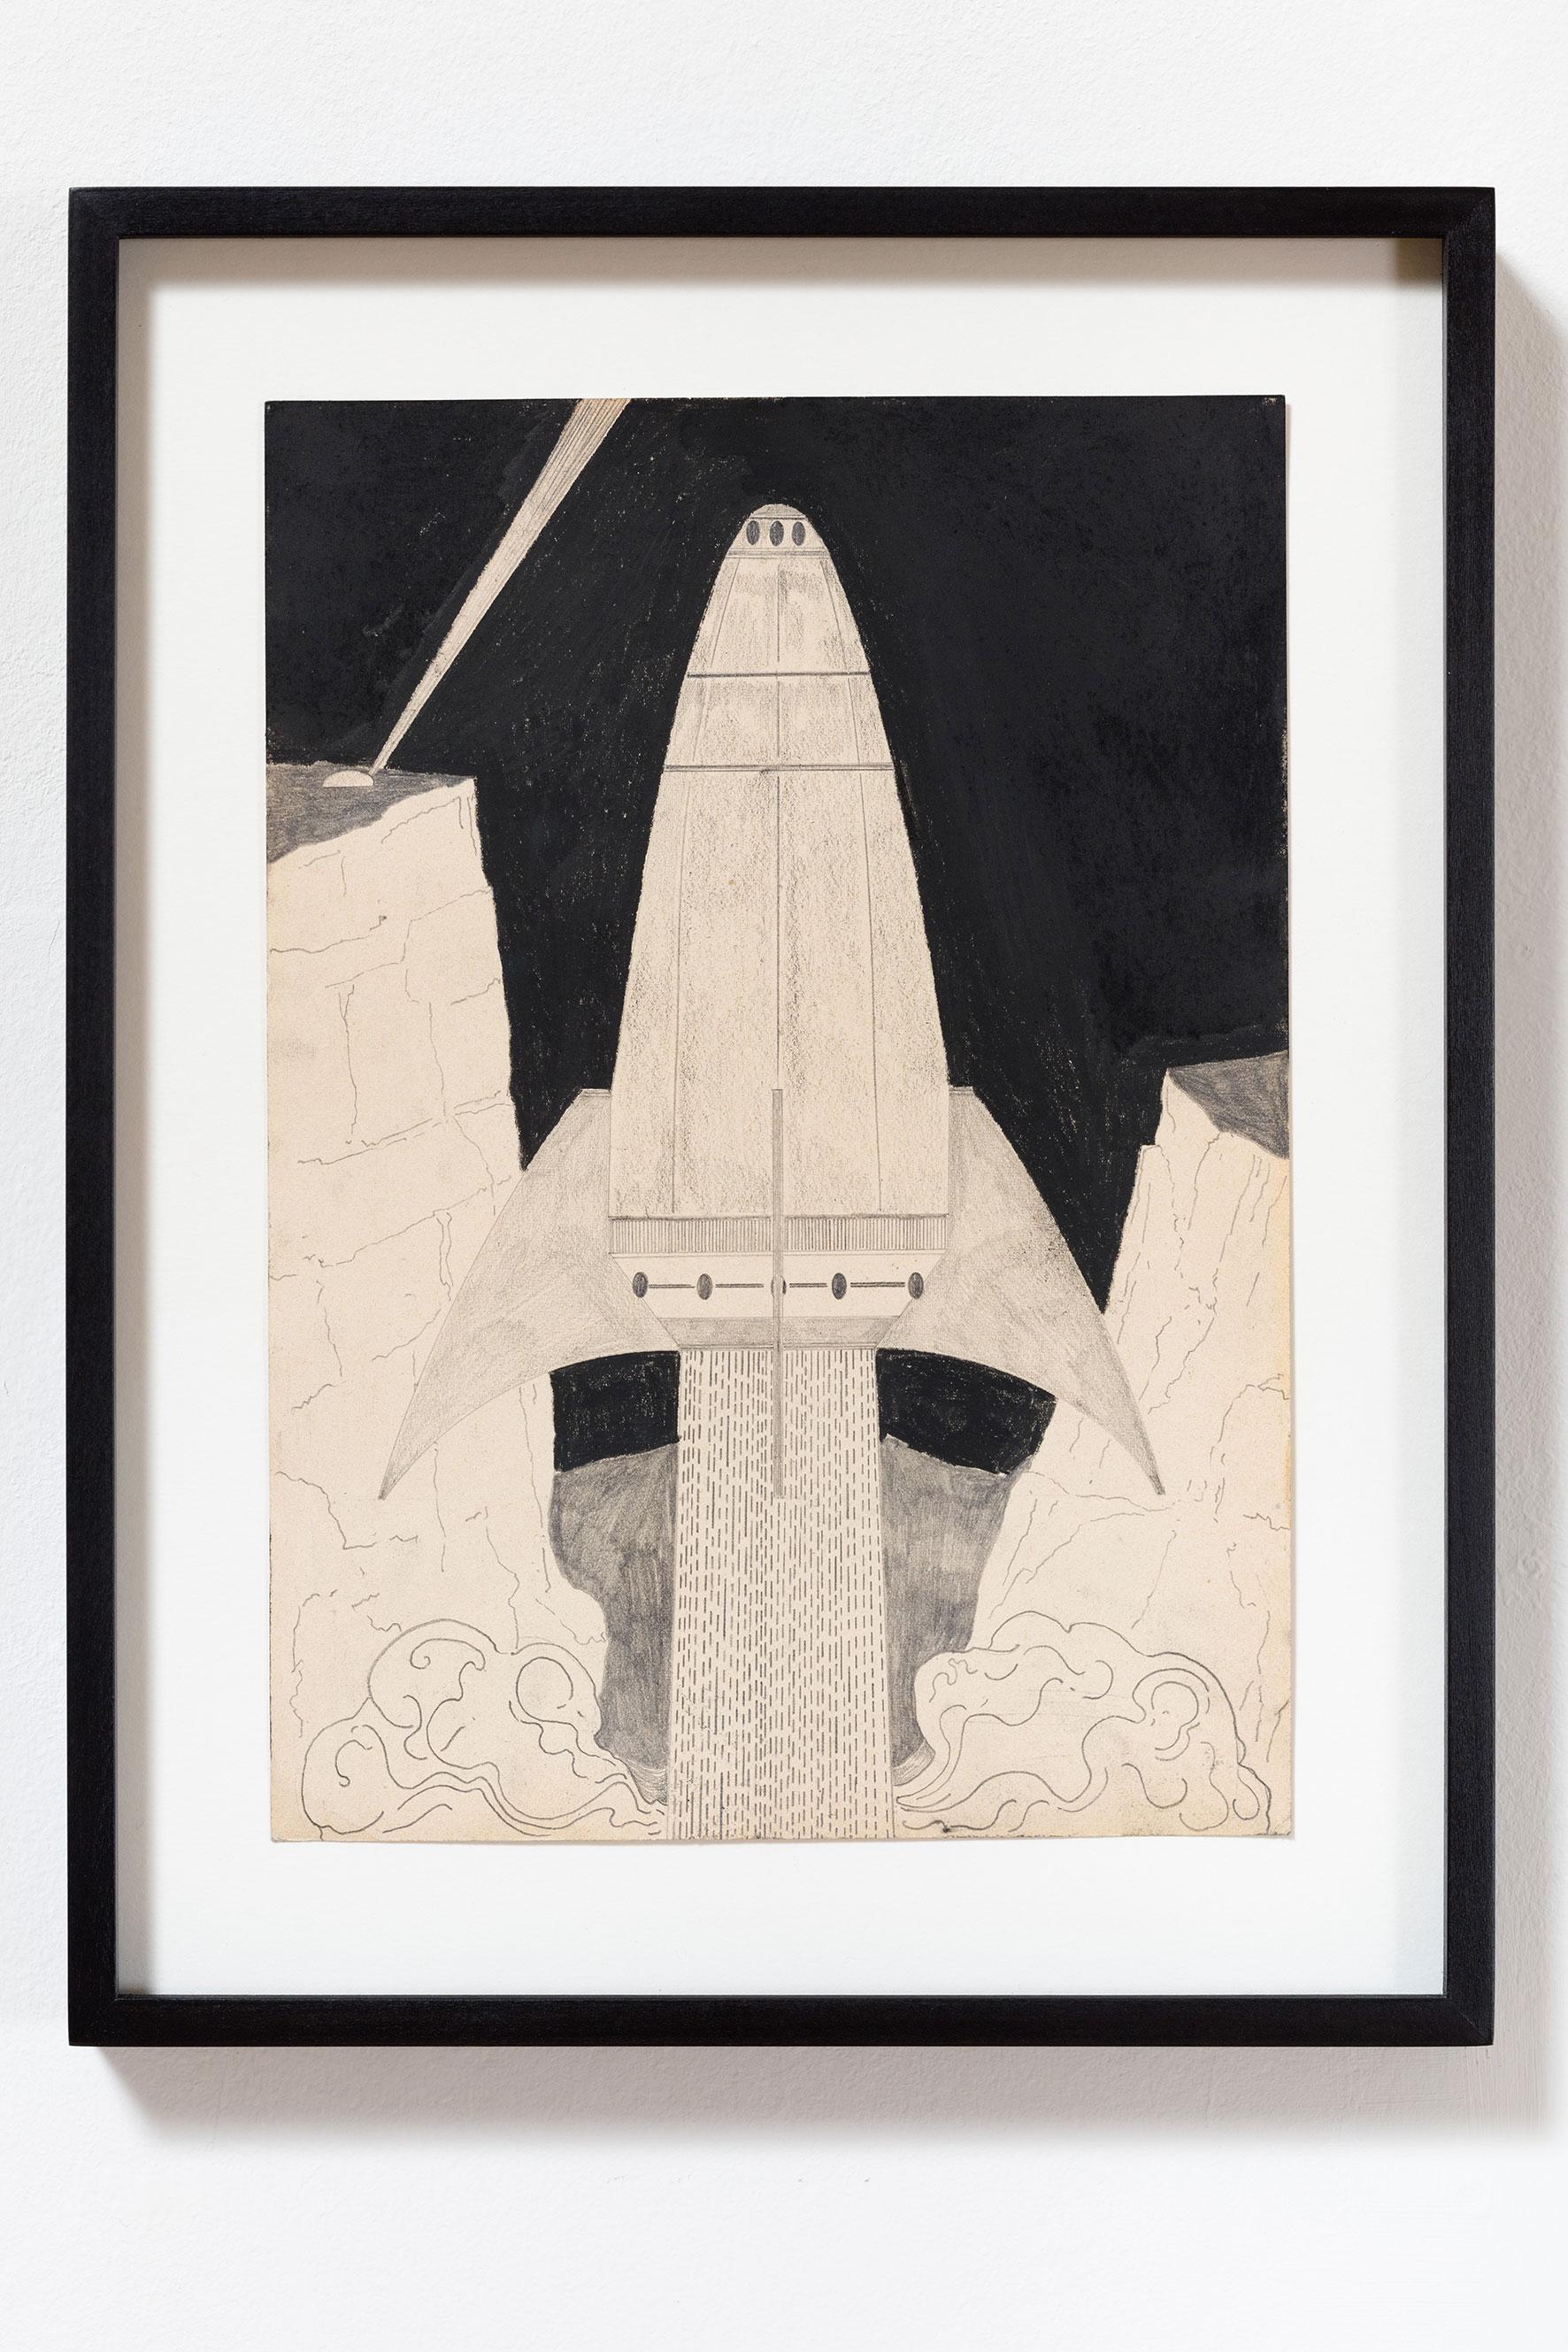 """""""wait upon the future days I"""", Kohle und Bleistift auf Papier, 30 x 21 cm (Foto: VILTIN Gallery / Dávid Biró)"""